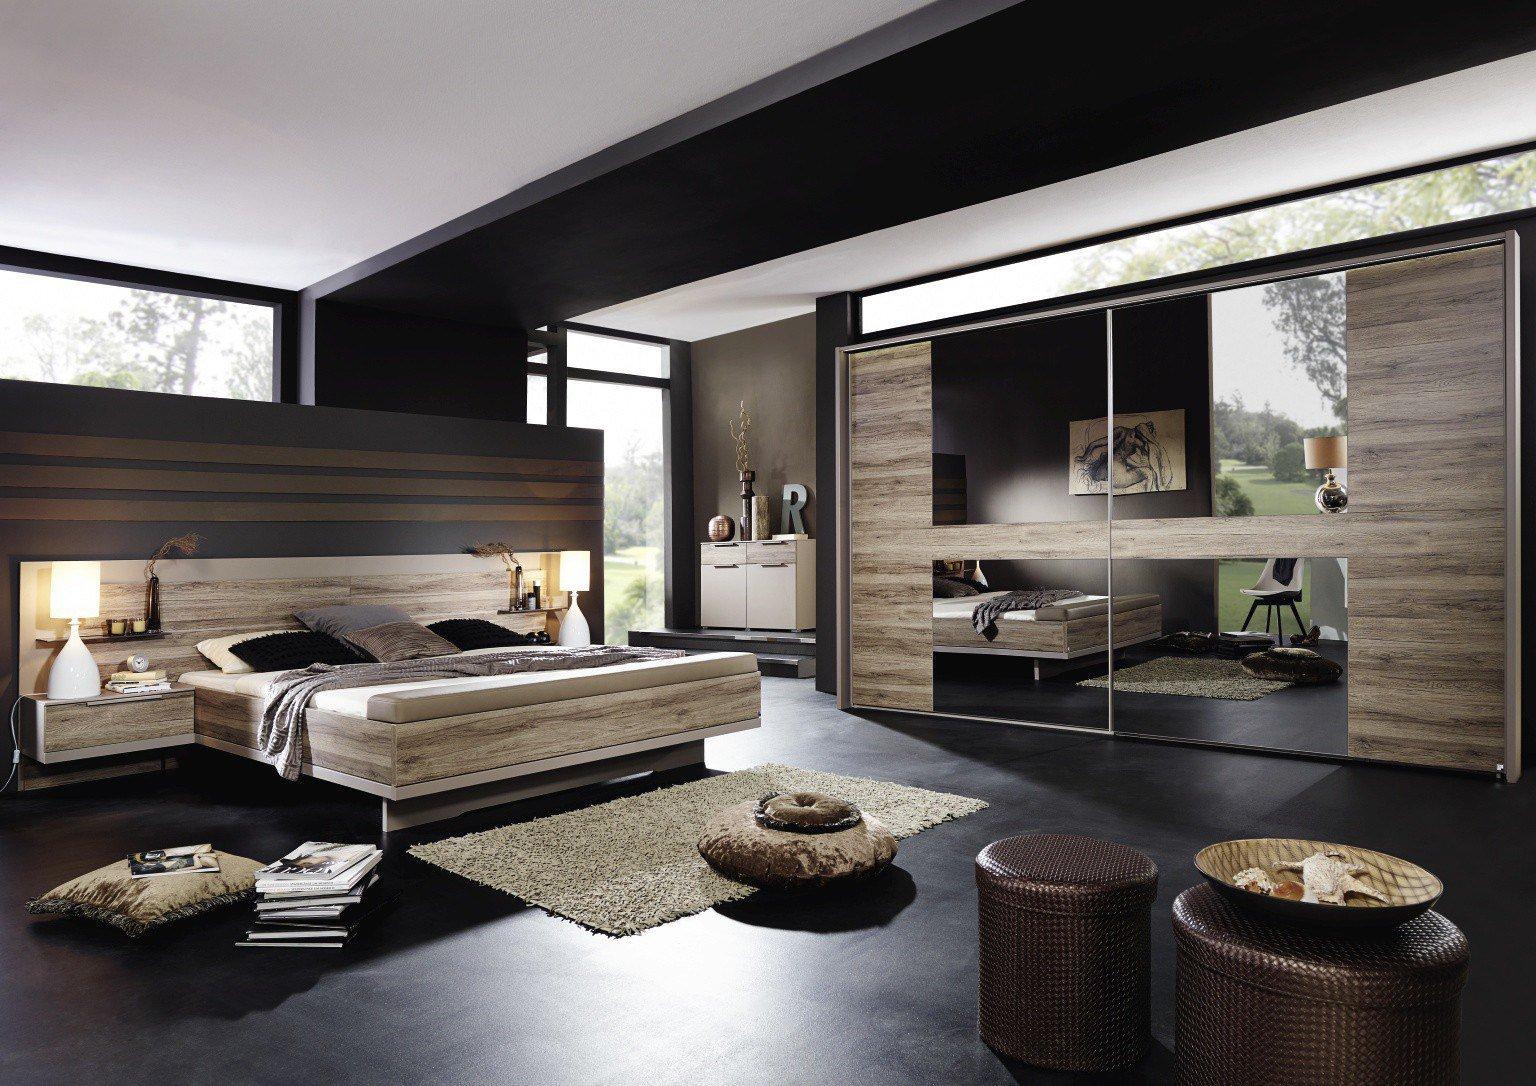 Schlafzimmer vadora nachttisch freischwebend das beste for Kuchen mink bensheim